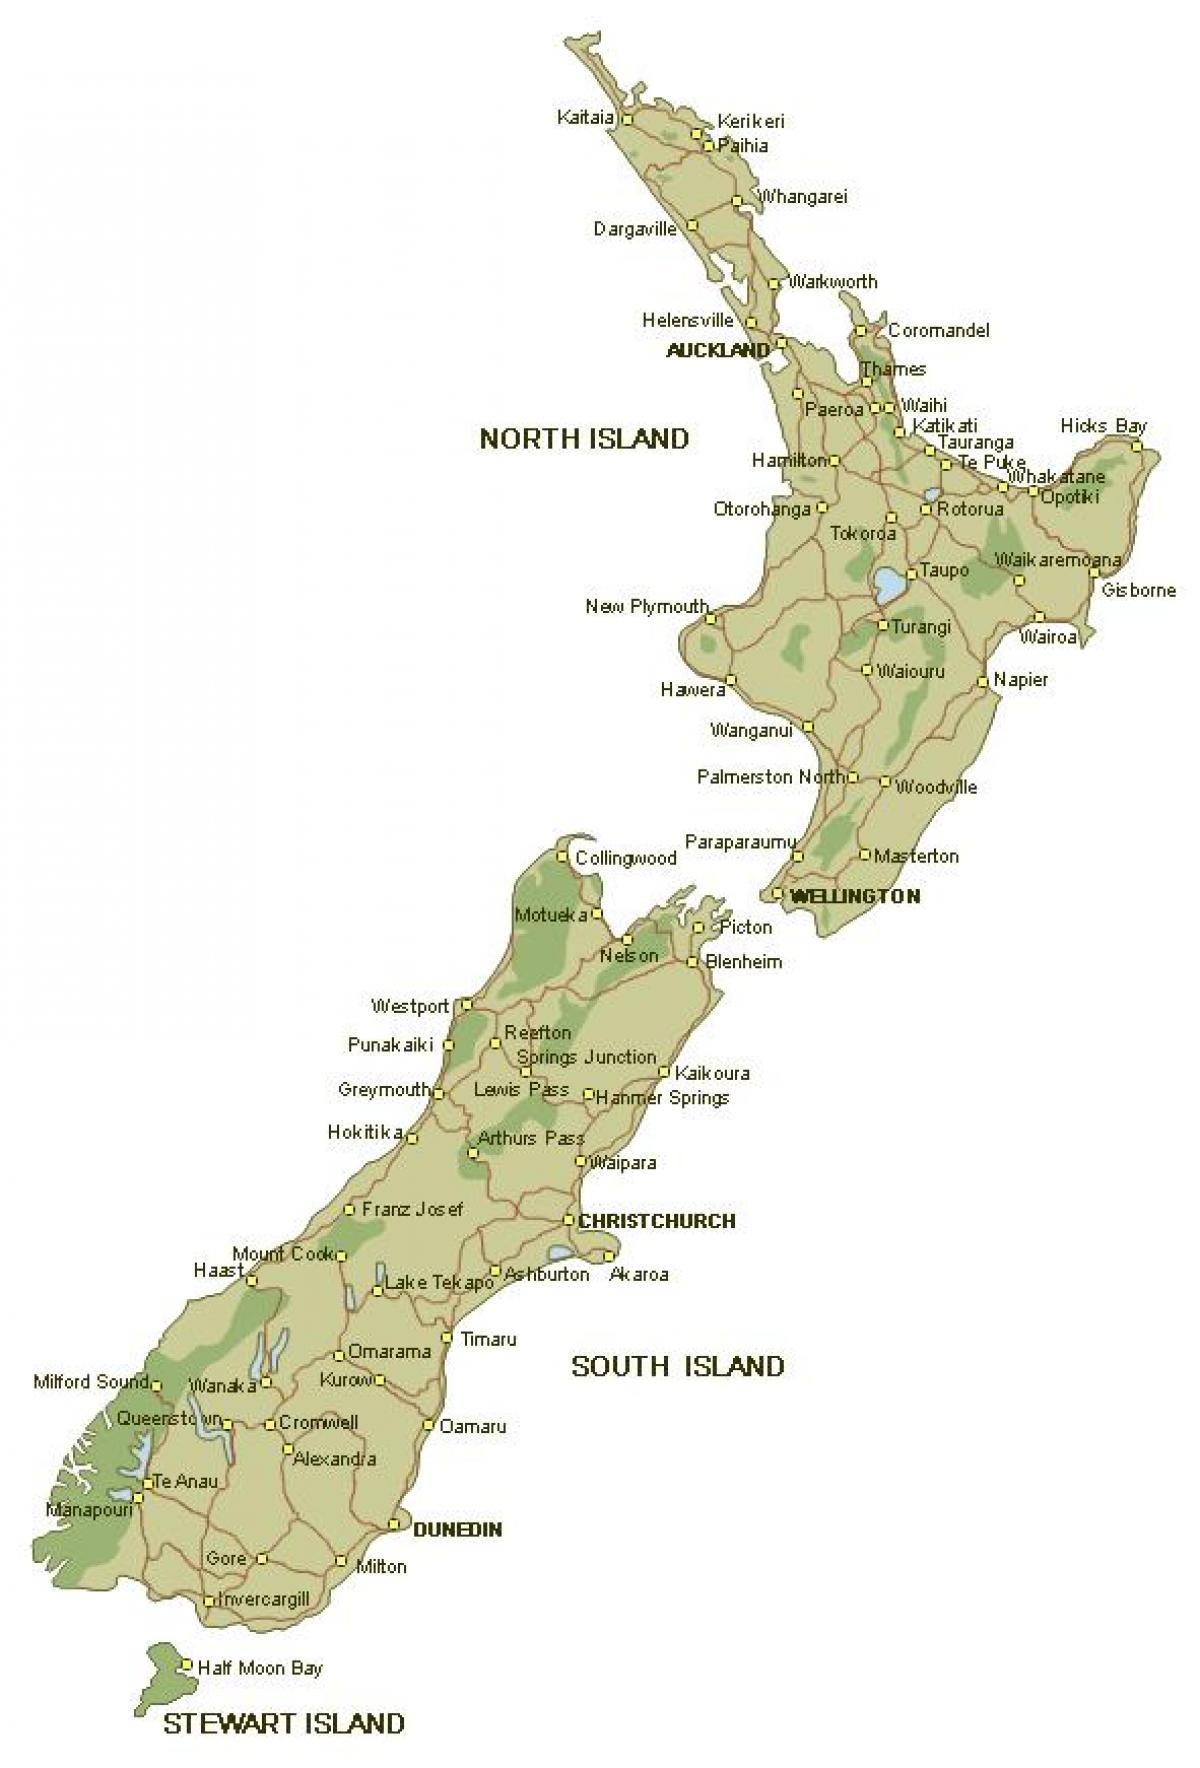 Cartina Nuova Zelanda.Mappa Dettagliata Della Nuova Zelanda Mappa Della Mappa Della Nuova Zelanda L Australia E La Nuova Zelanda Oceania